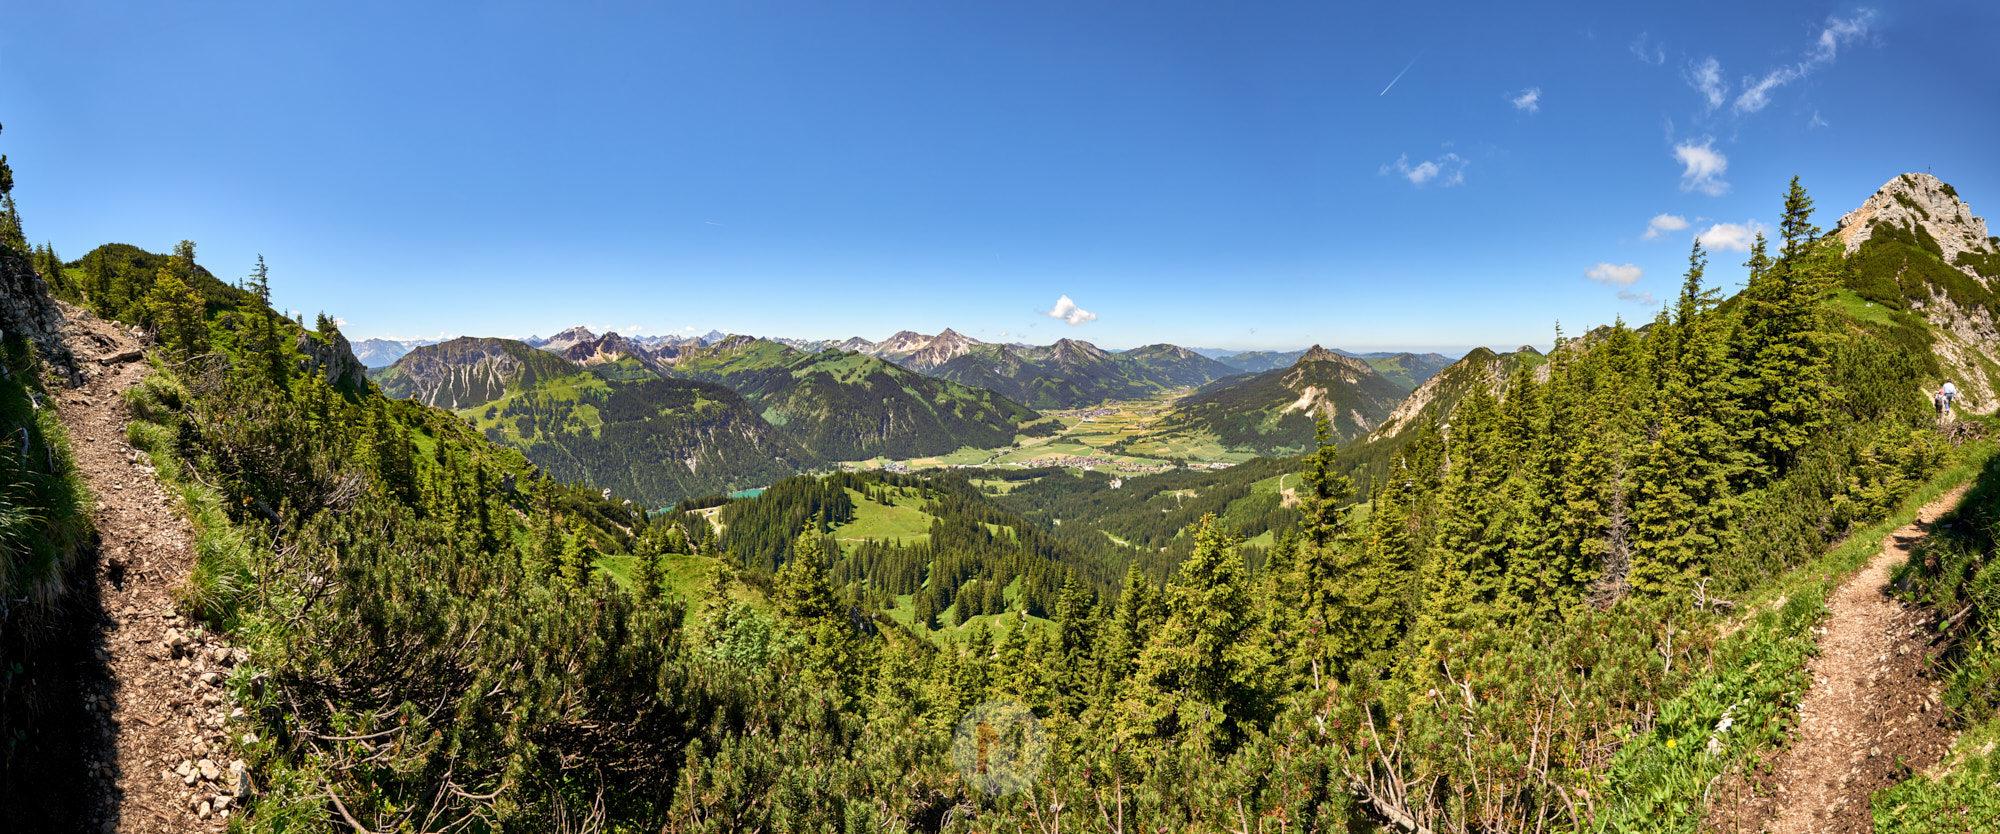 Aussicht vom Wanderweg auf das Tannheimer Tal im Sommer, Tirol, Österreich